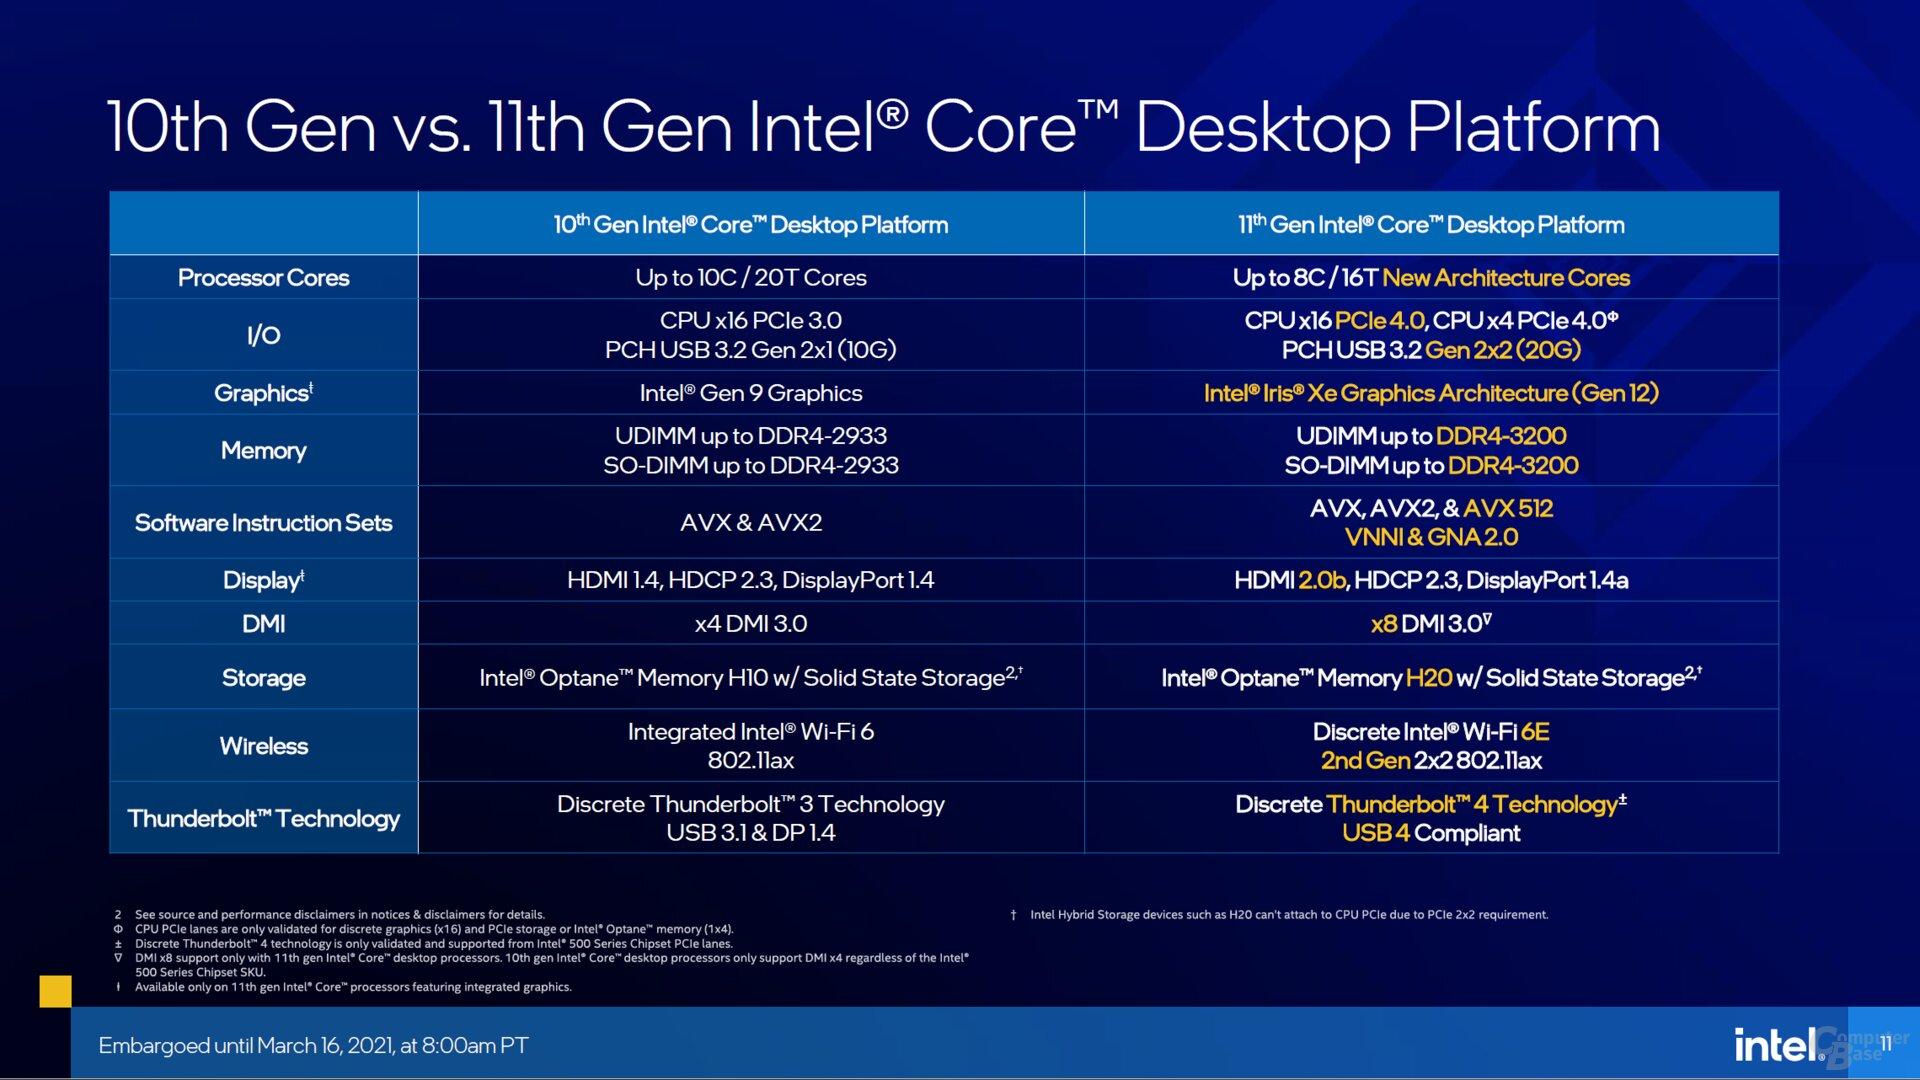 Intel Core der zehnten und elften Generation im Vergleich